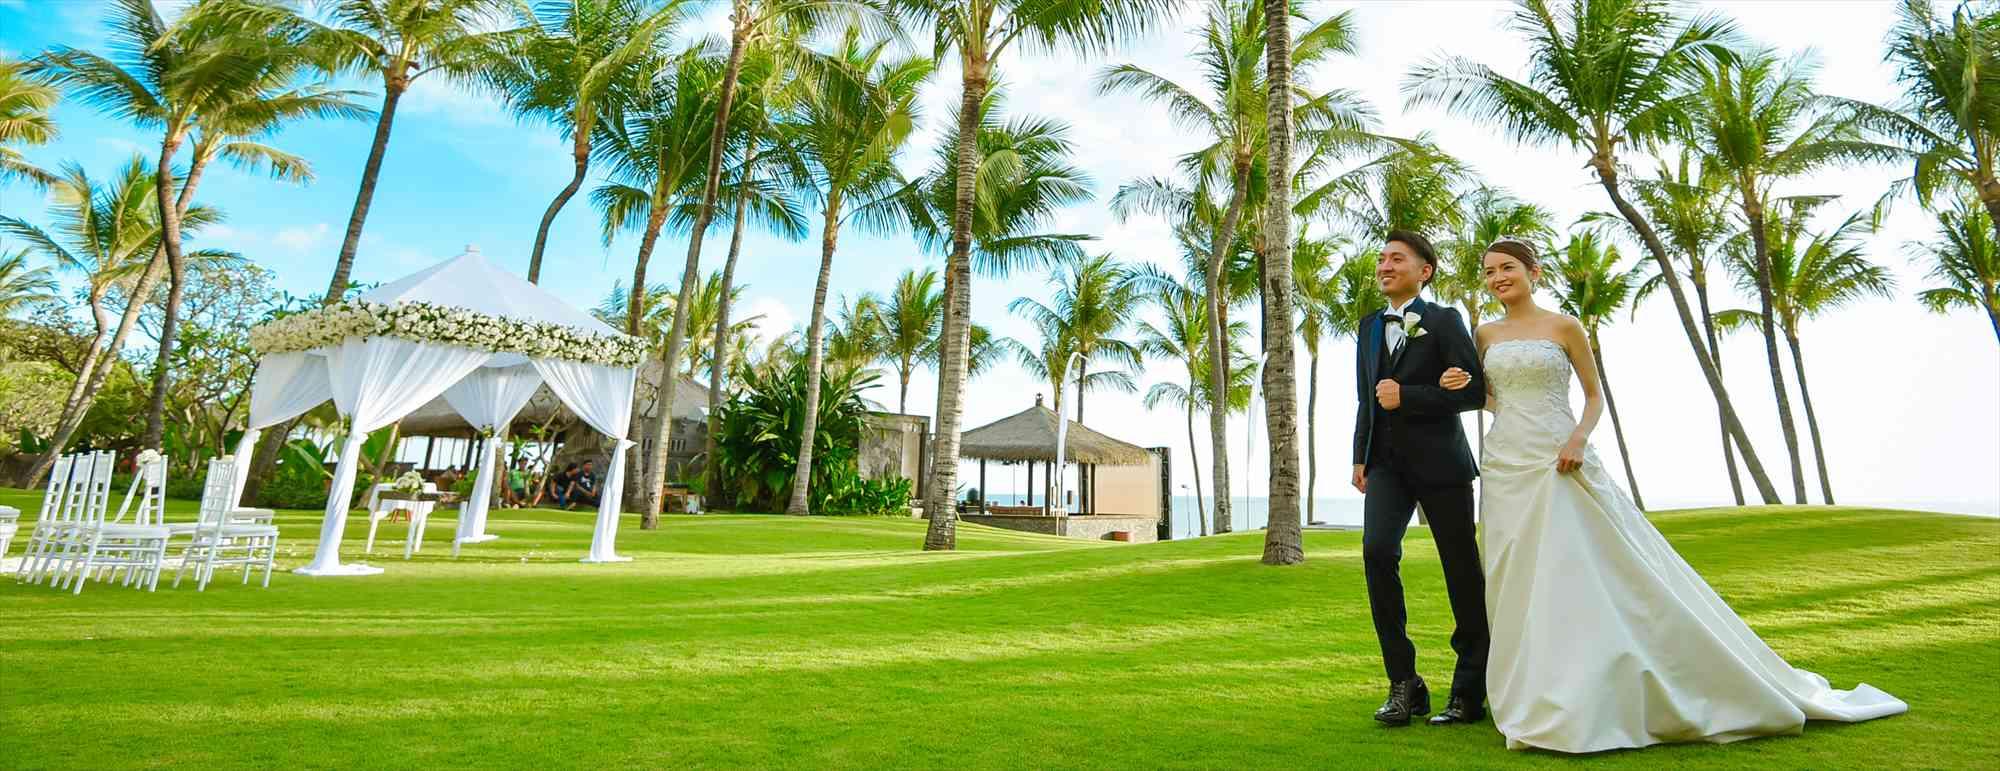 バリ島挙式 The Legian Bali ザ・レギャン・バリ